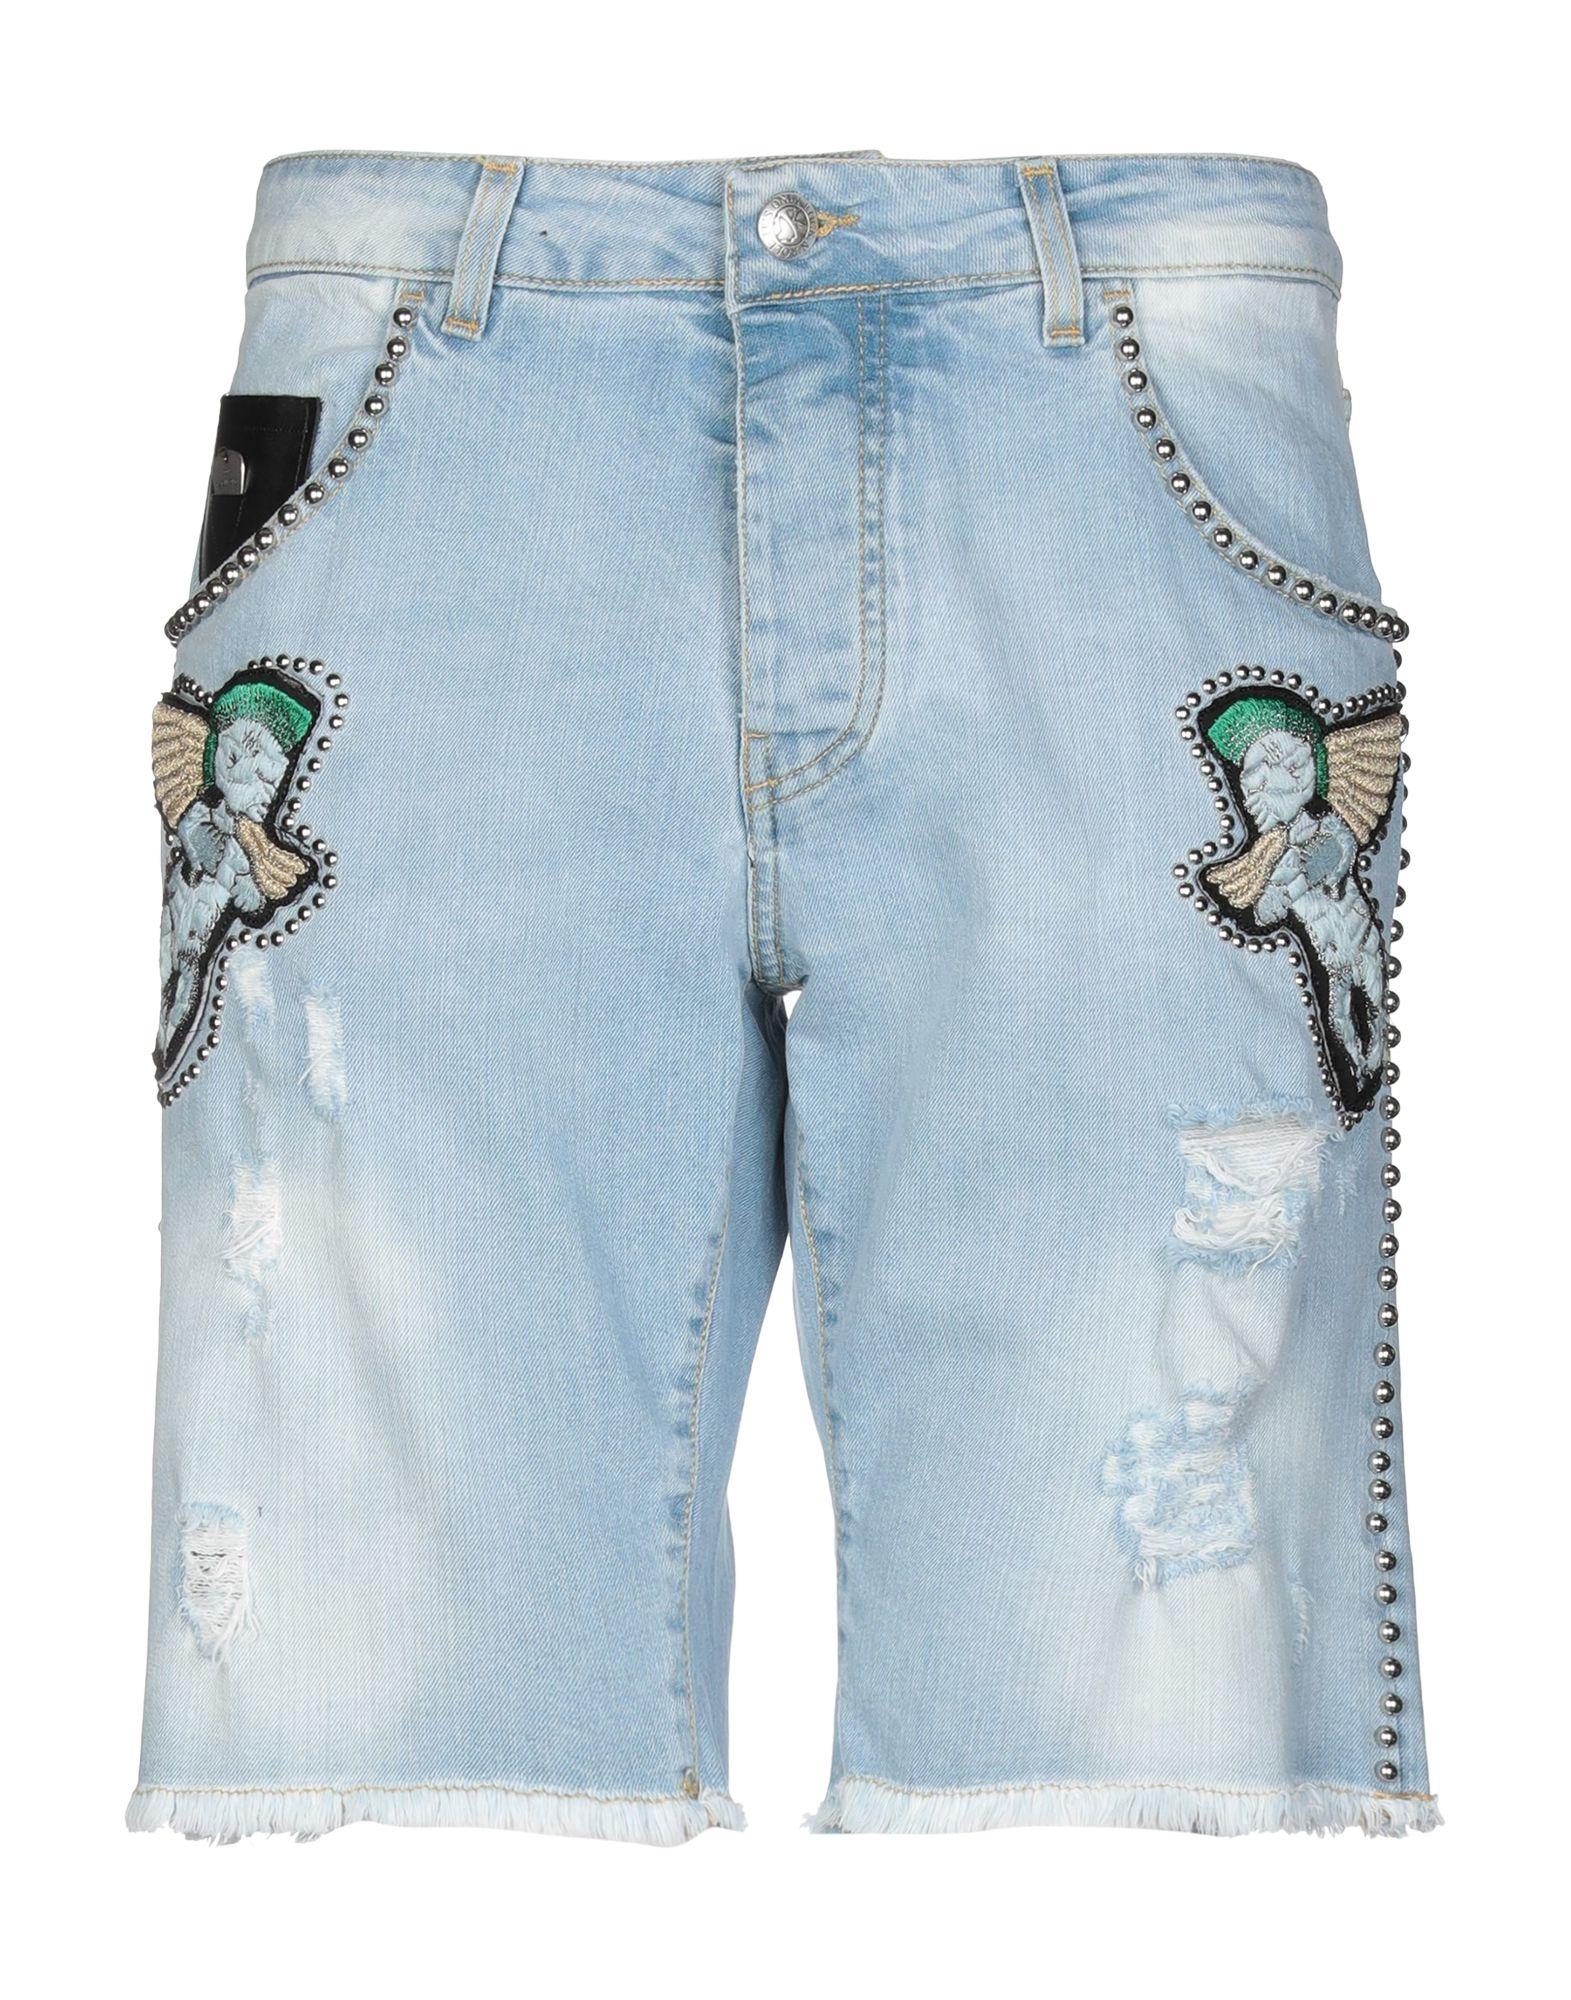 《期間限定セール中》JOHN RICHMOND メンズ デニムバミューダパンツ ブルー 32 コットン 98% / ポリウレタン 2%